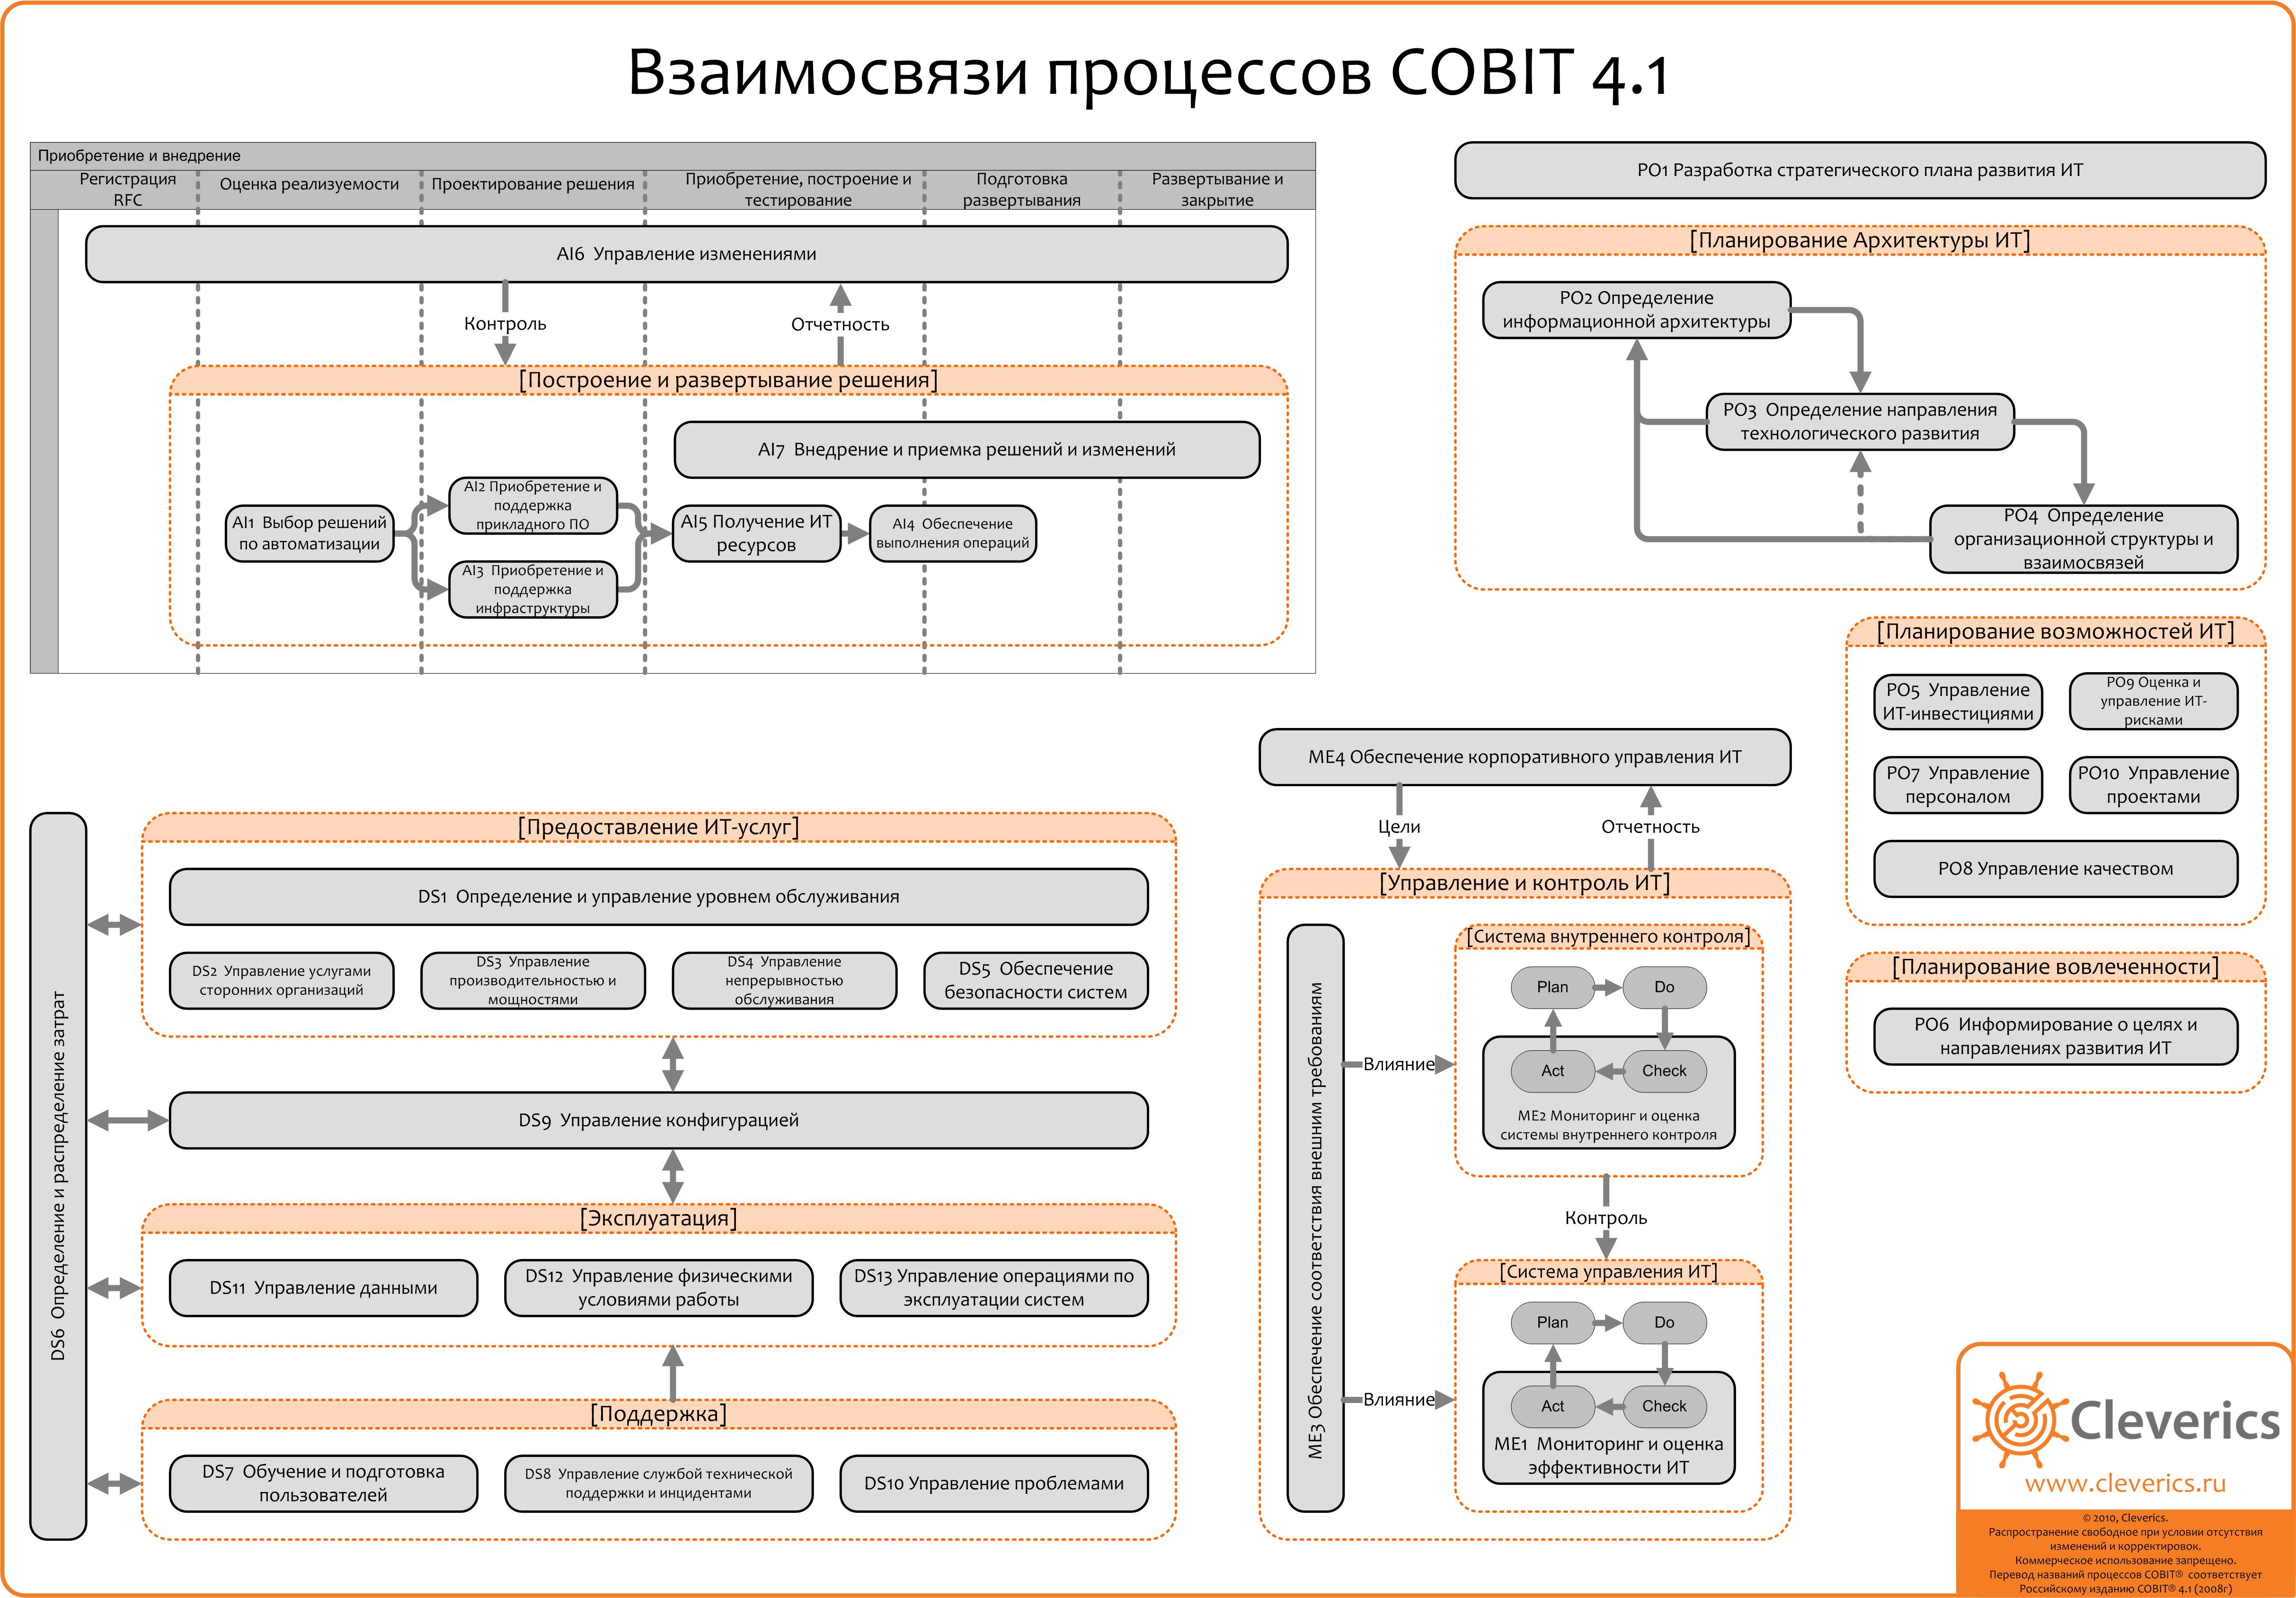 НТВ  Википедия